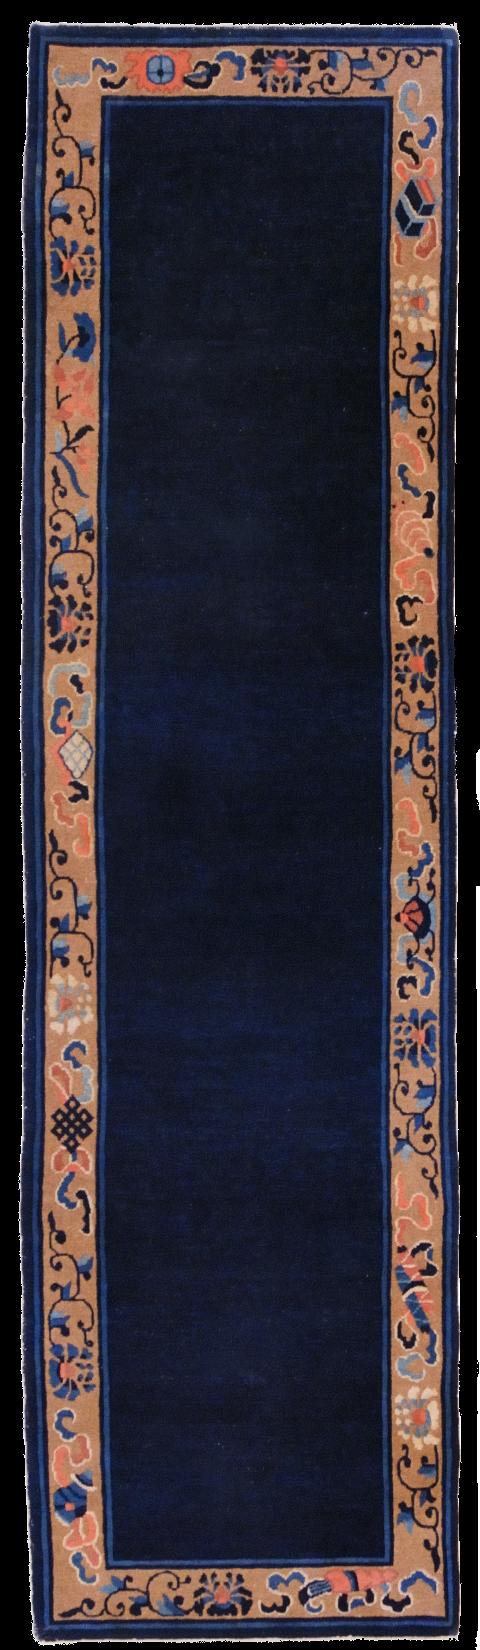 Il Tappeto nel Regno dell'Armonia